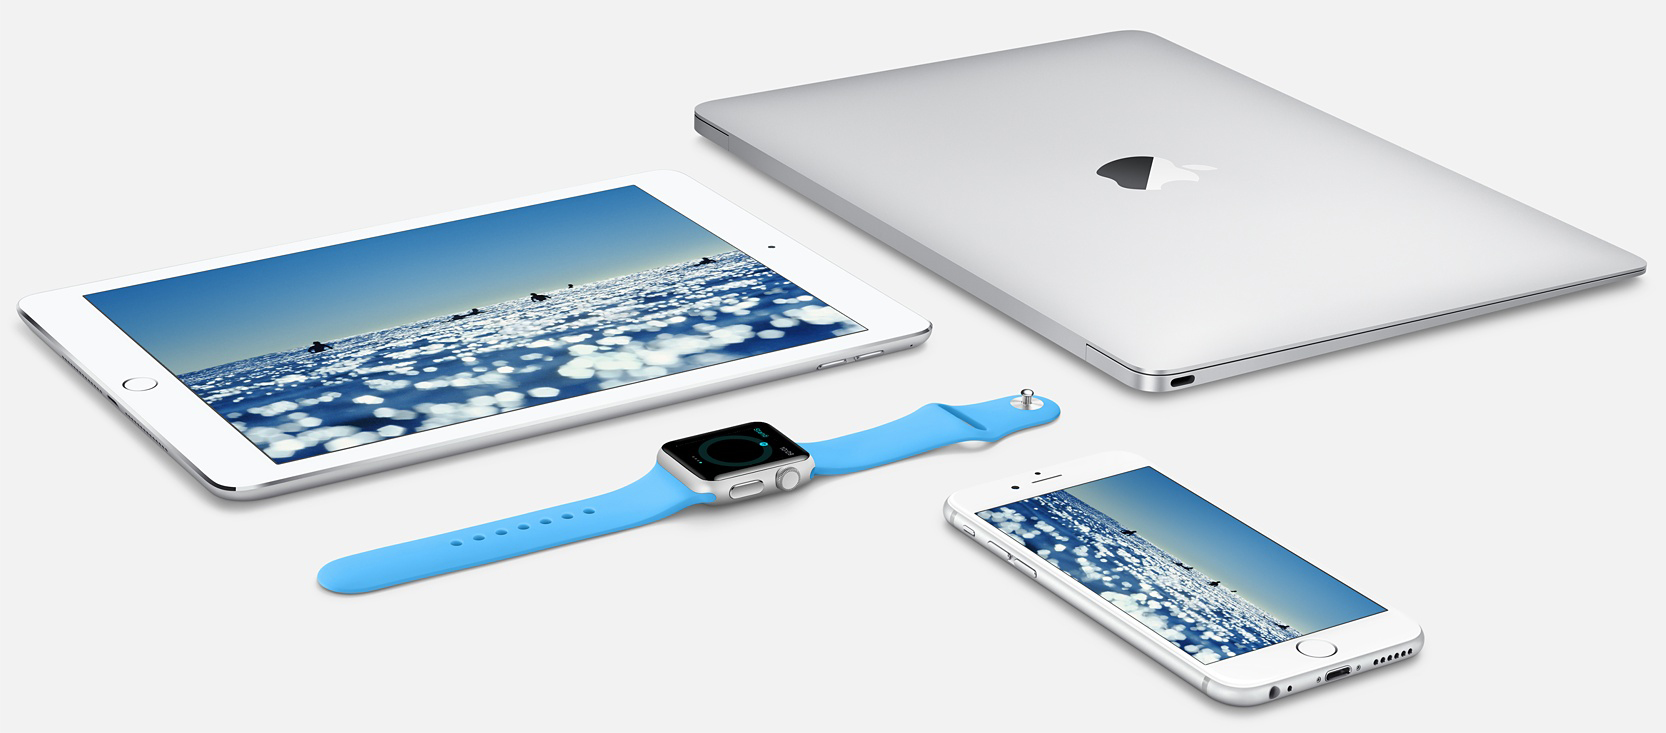 Эпл ноутбуки, смартфоны, компьютреры